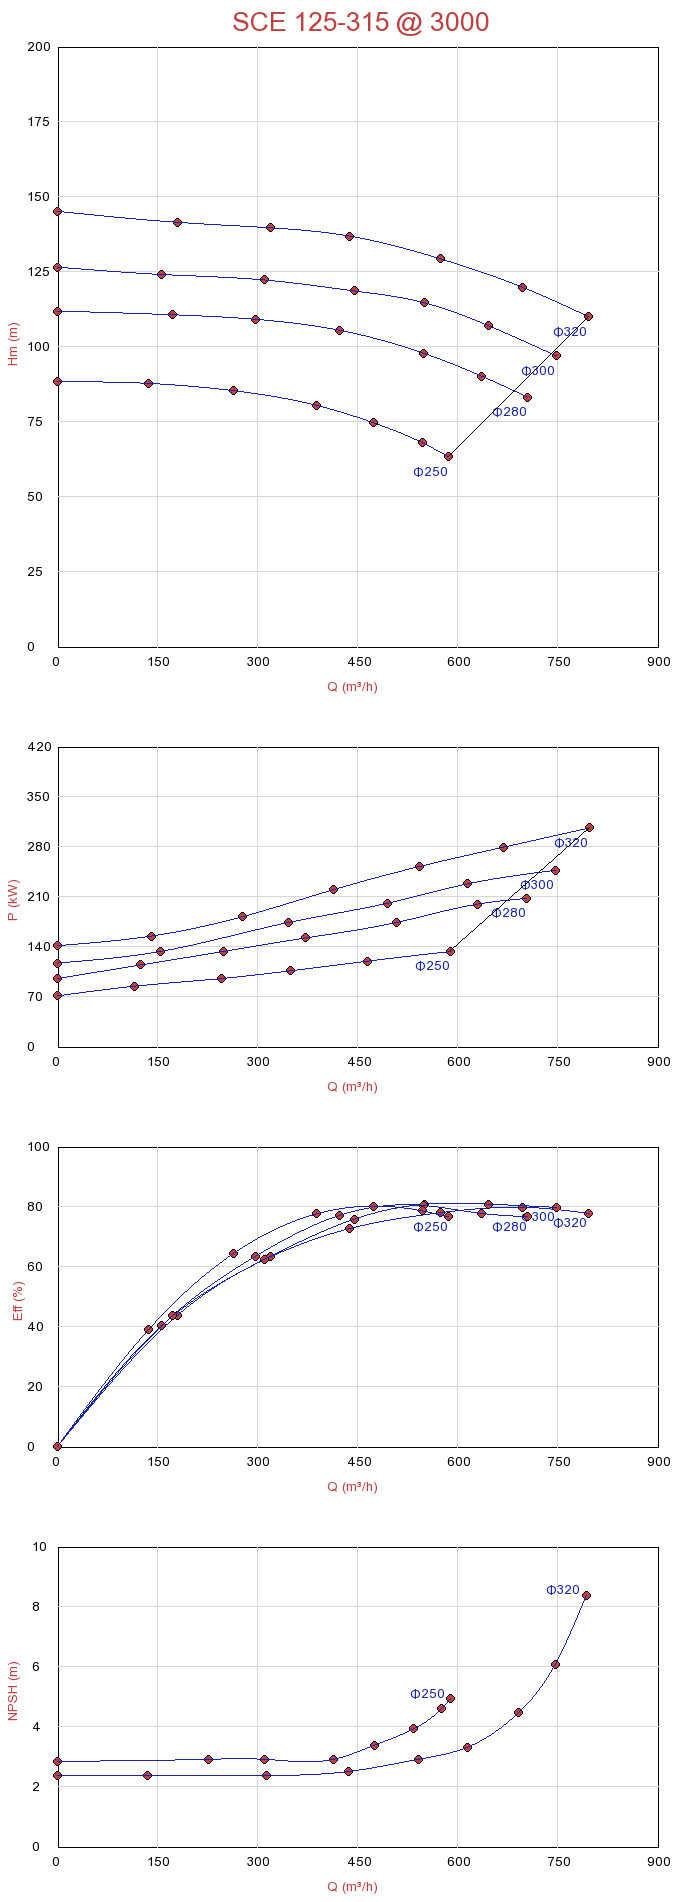 Biểu đồ lưu lượng của máy bơm nước ly tâm hút đôi Sempa SCE 125-315